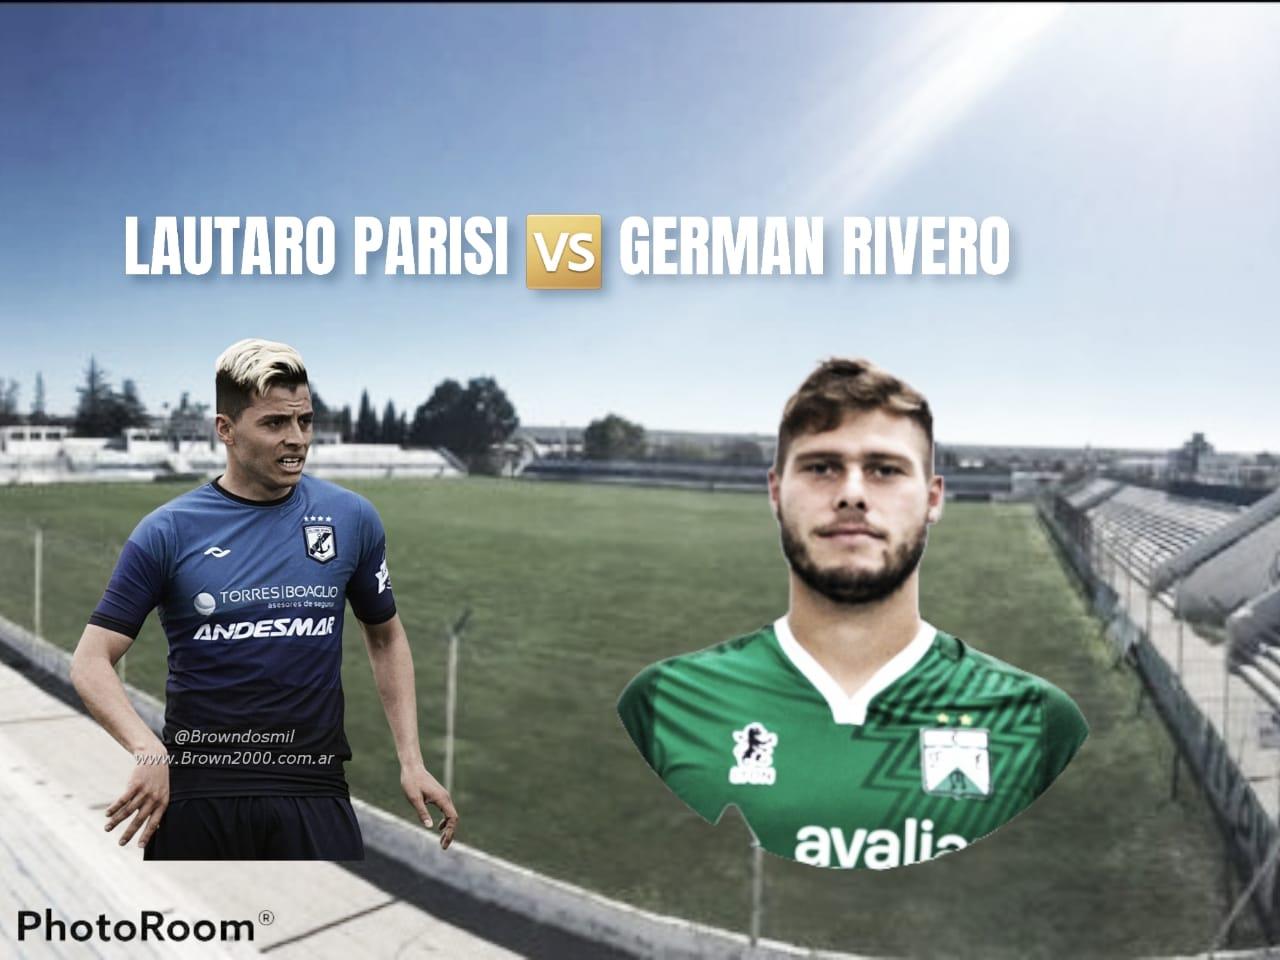 Germán Rivero vs Lautaro Parisi: Con la mirada puesta en los delanteros